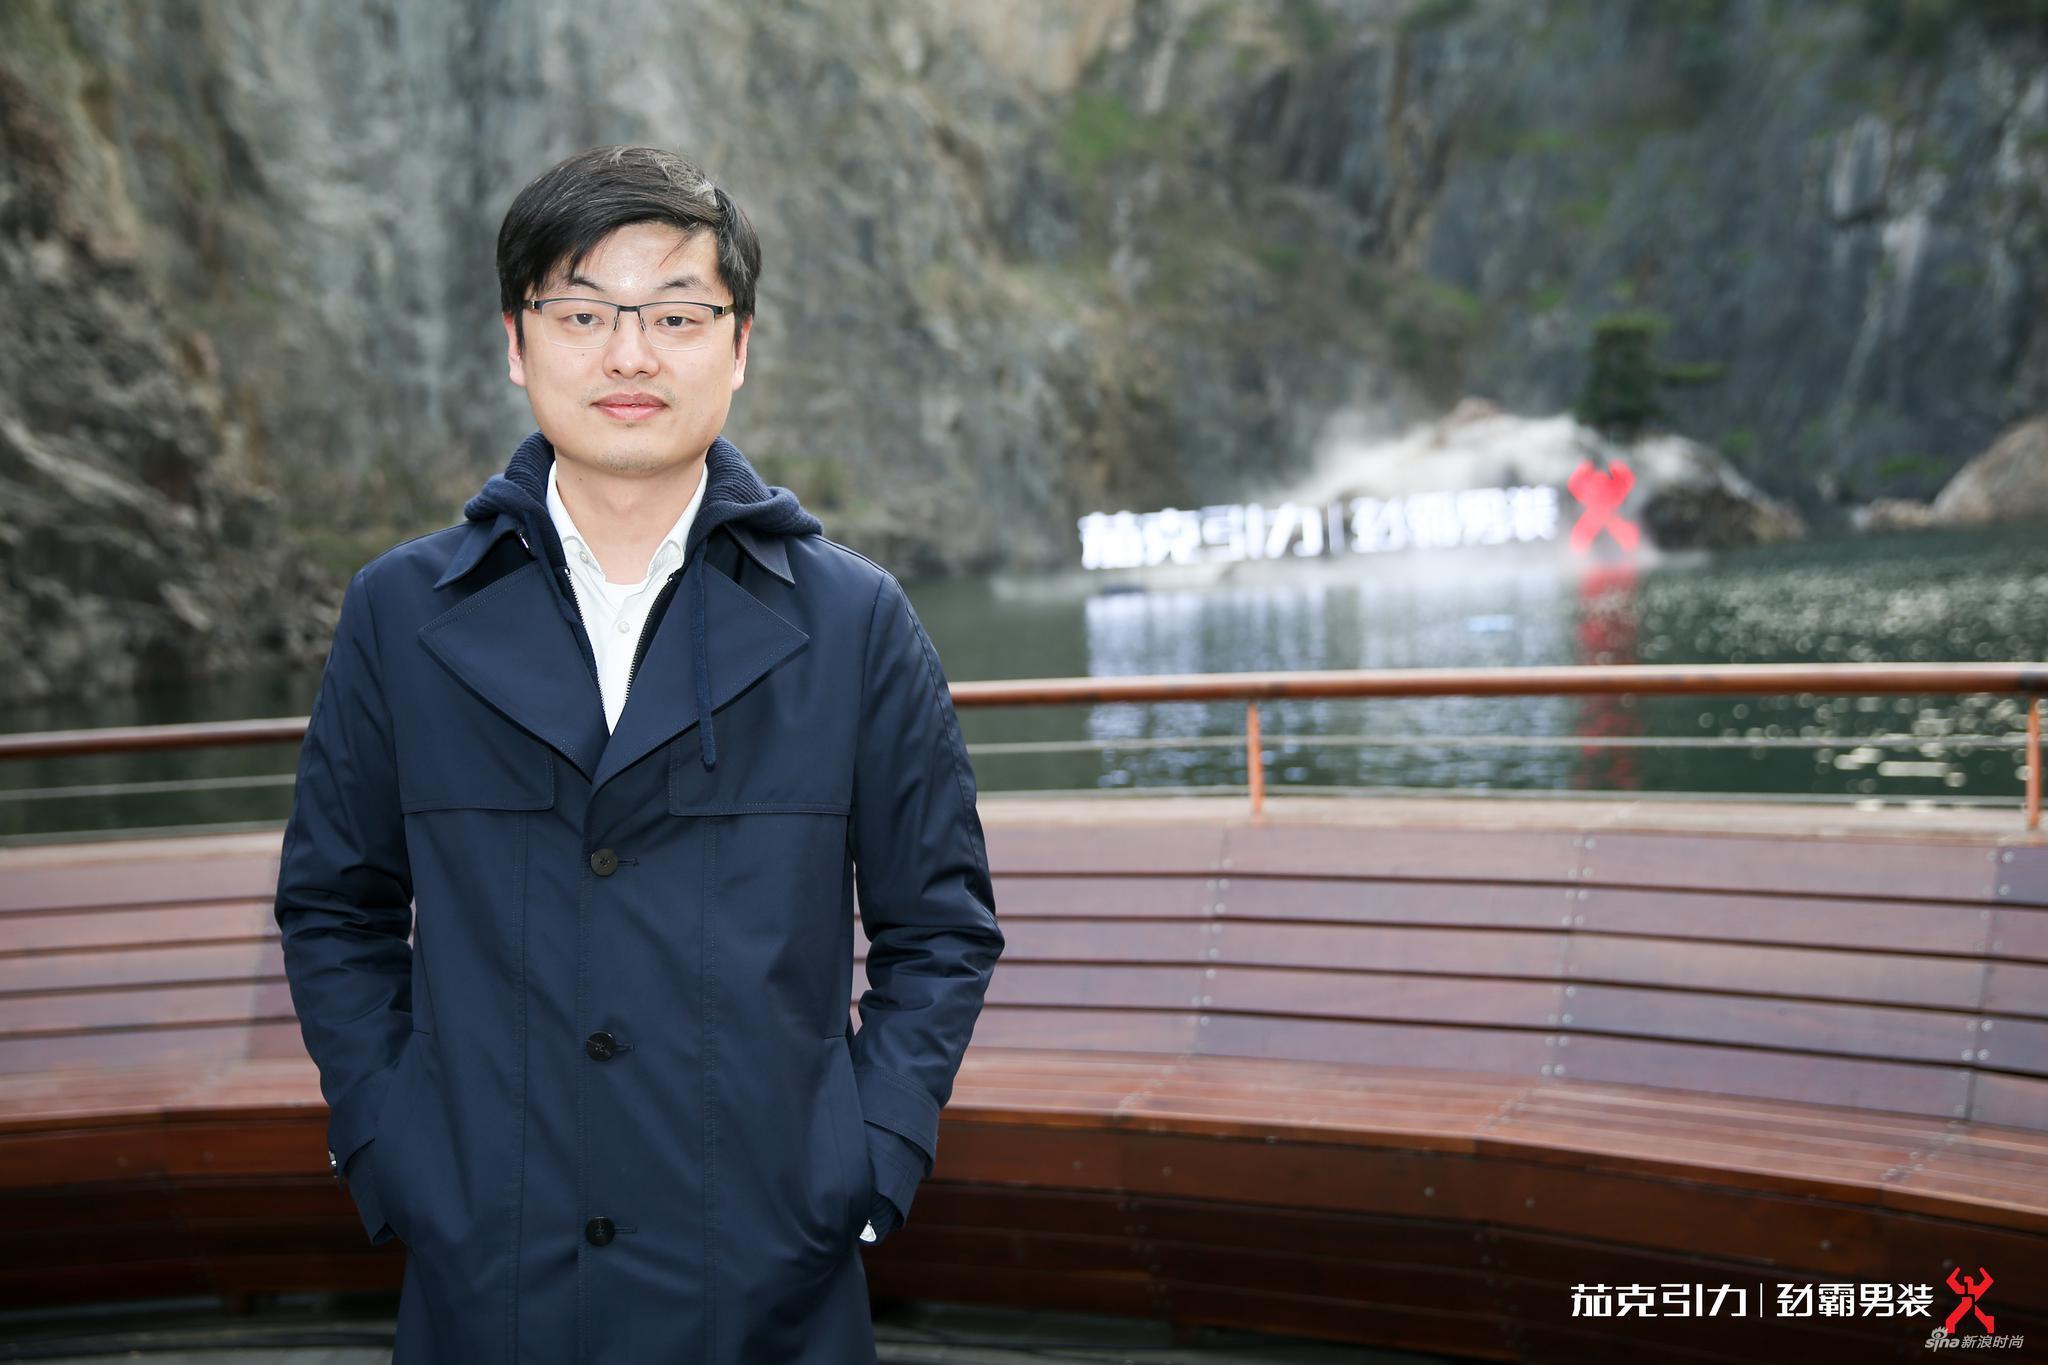 特赞创始人及CEO、同济大学特赞设计人工智能实验室主任 范凌